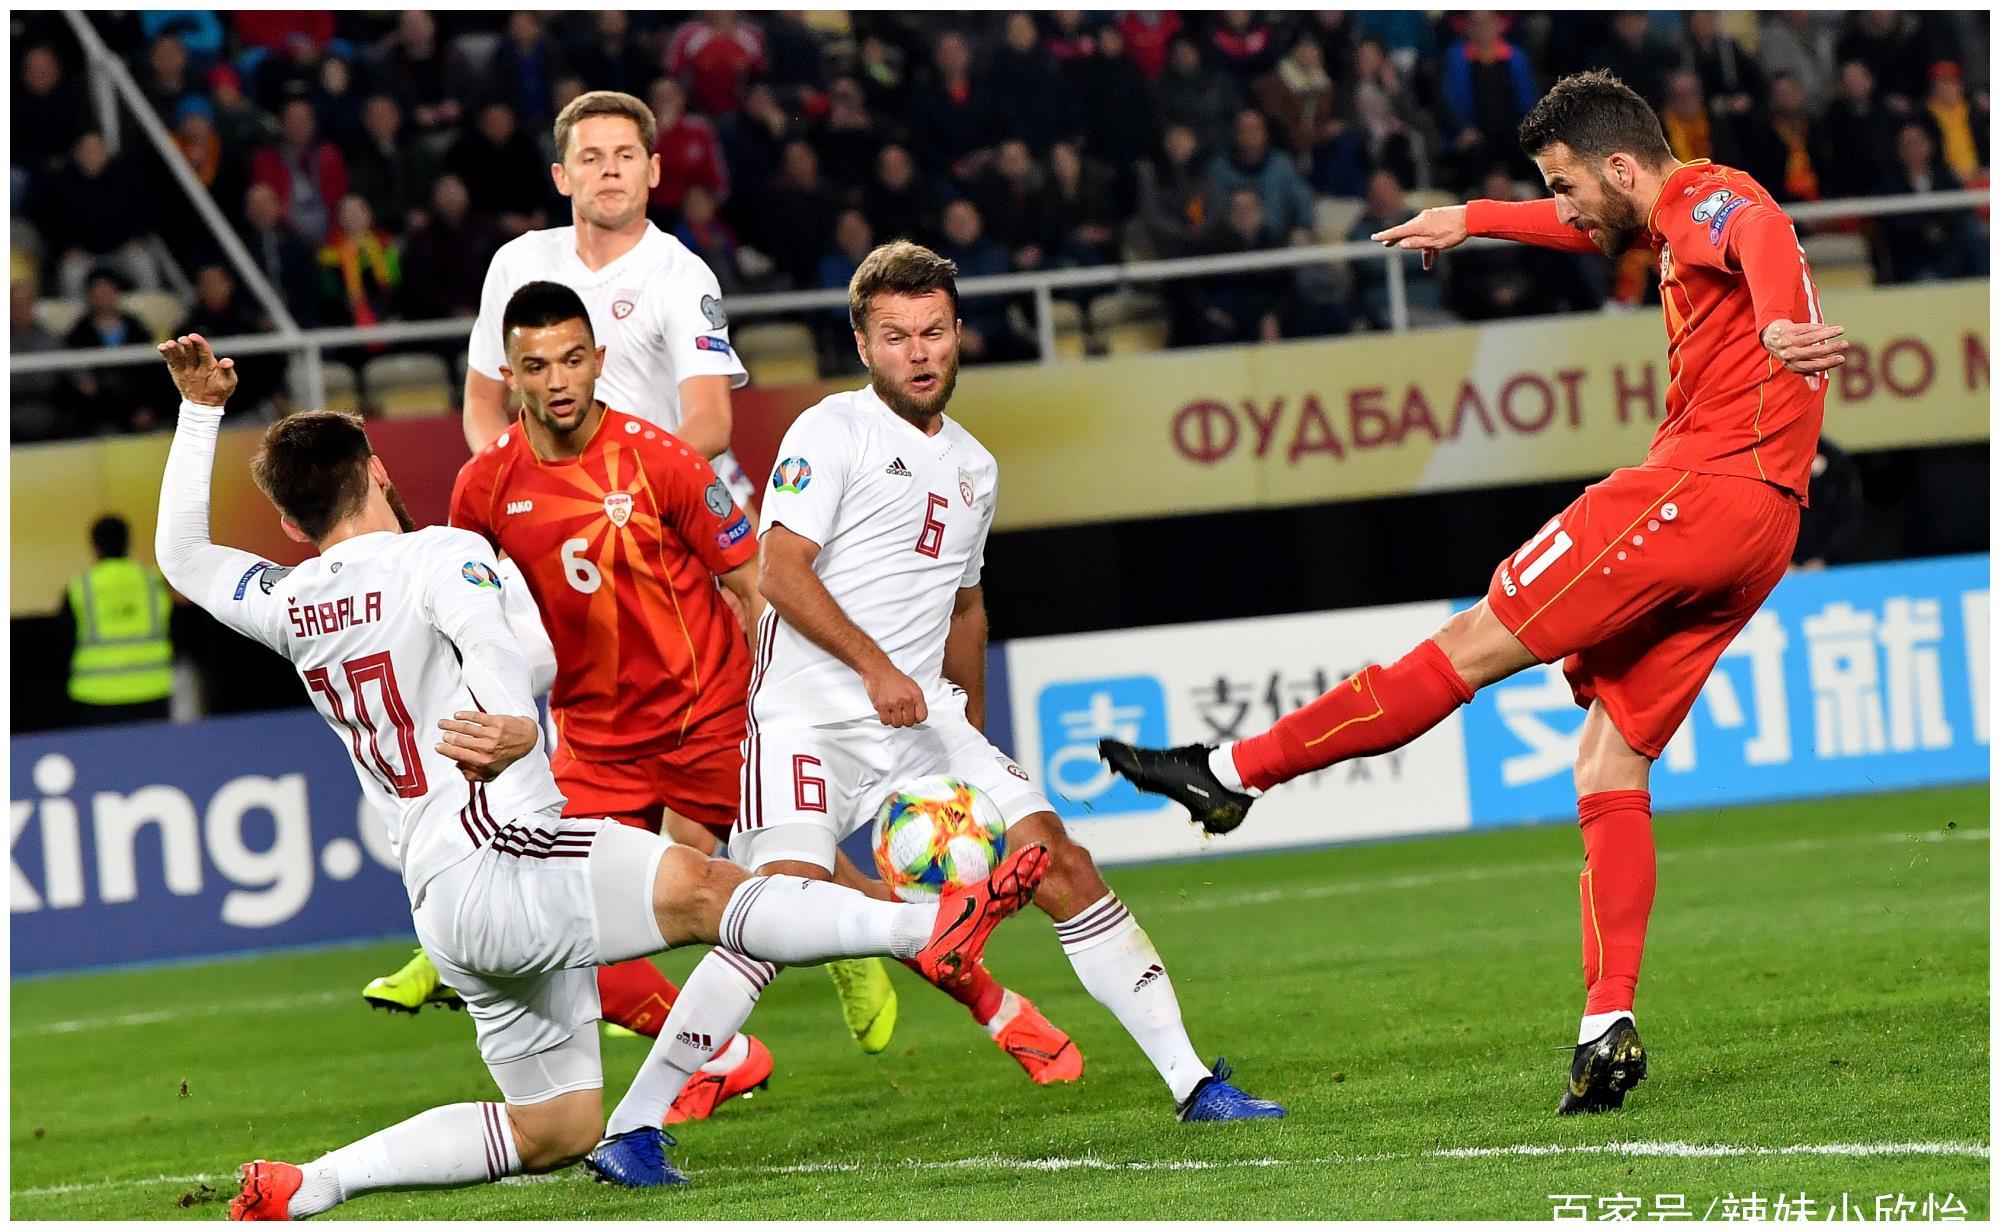 欧洲杯:奥地利VS马其顿,客队强势,将轻松进球得分